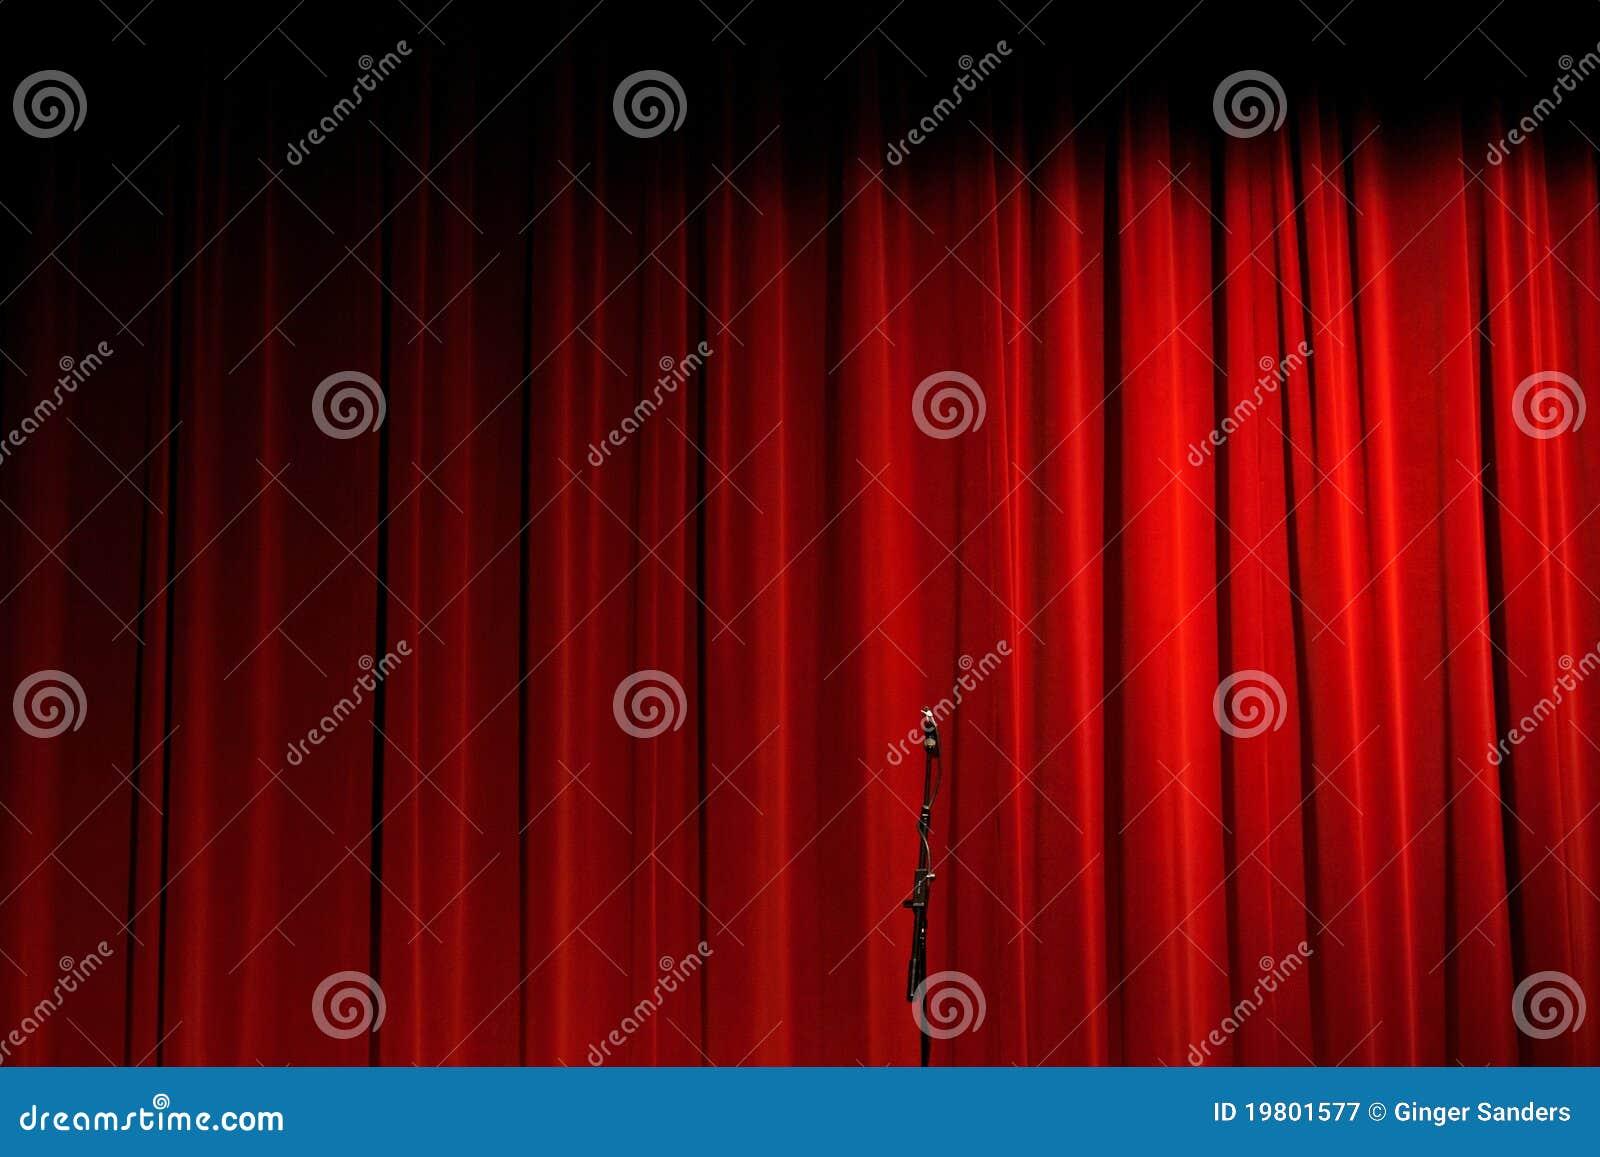 窗帘话筒红色阶段